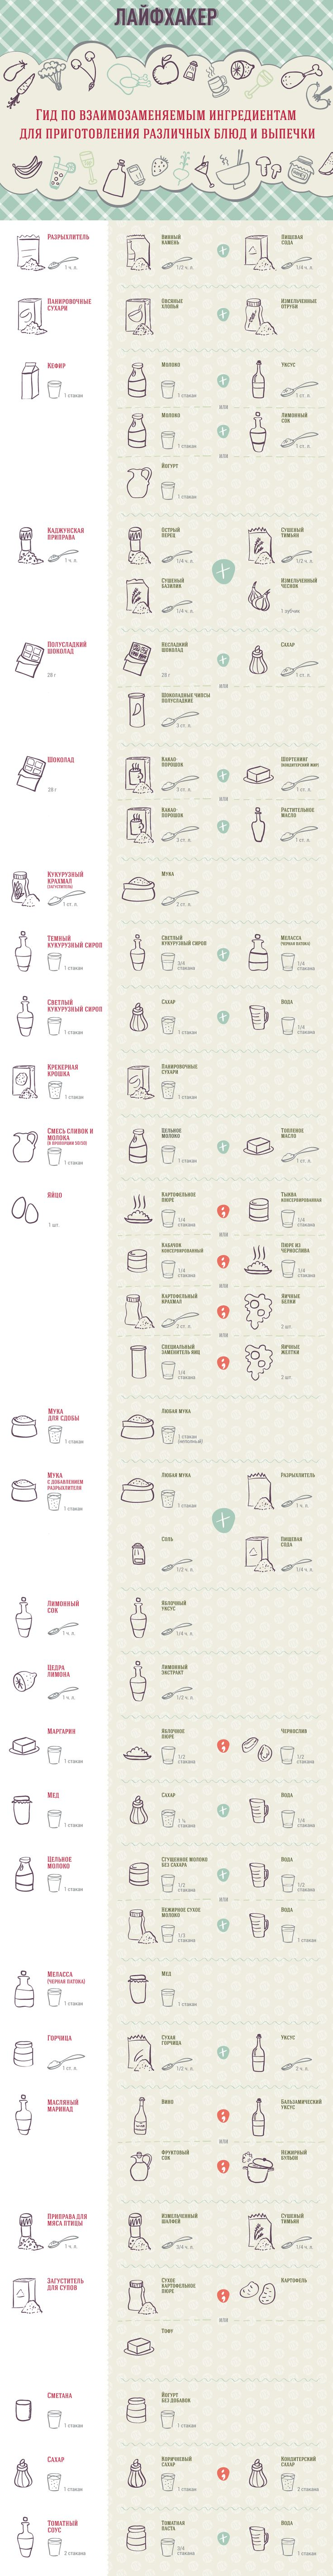 Чем заменить недостающий ингредиент на кухне? Расскажет наша инфографика.